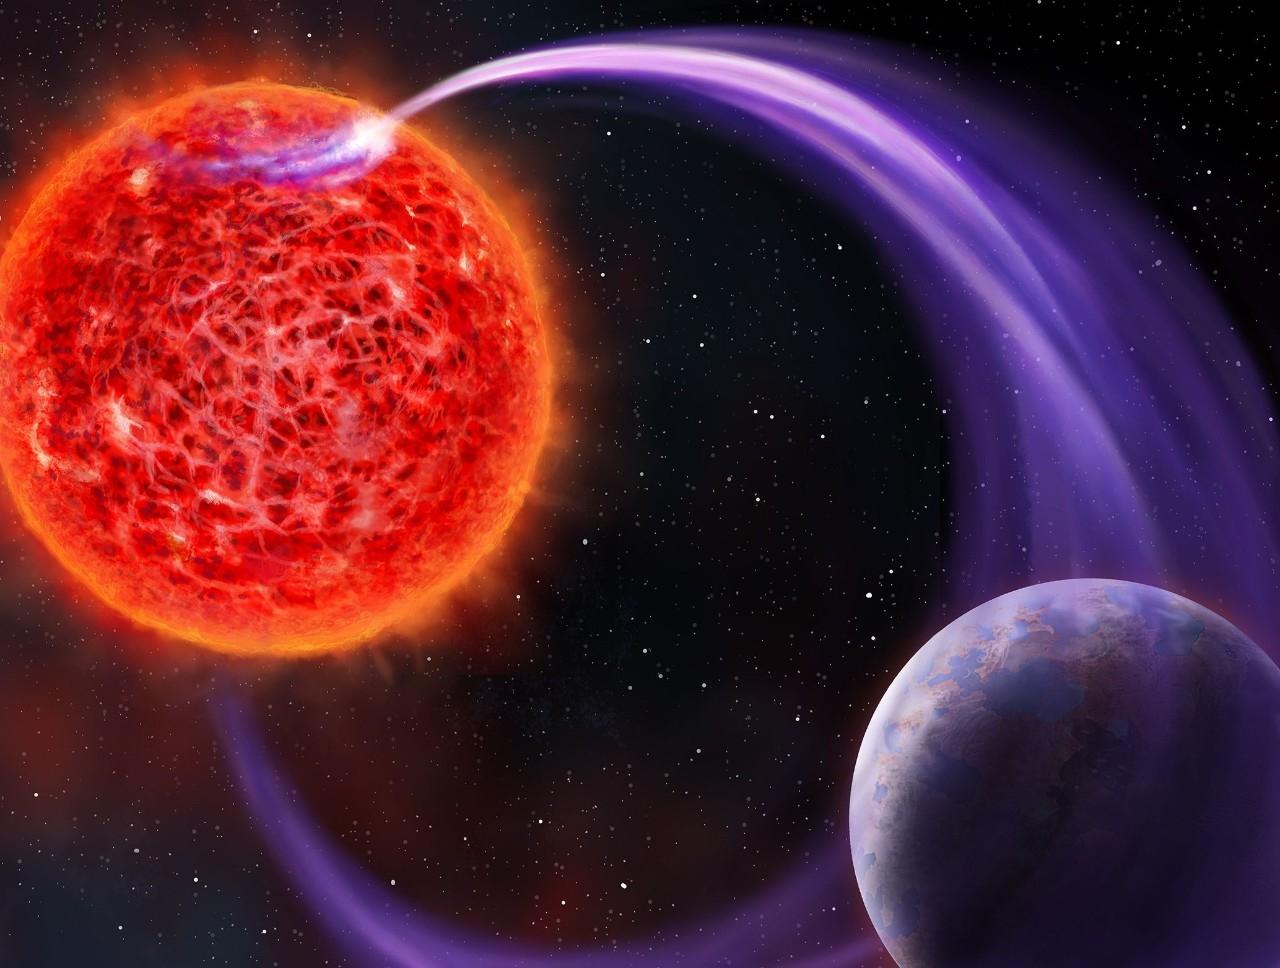 رصد كوكب خارج المجموعة الشمسية عن طريق الأمواج الراديوية - الحقل المغناطيسي - طريقة جديدة مستوحاة من هالة كوكب المشتري - الكواكب الصخرية - الكواكب الخارجية